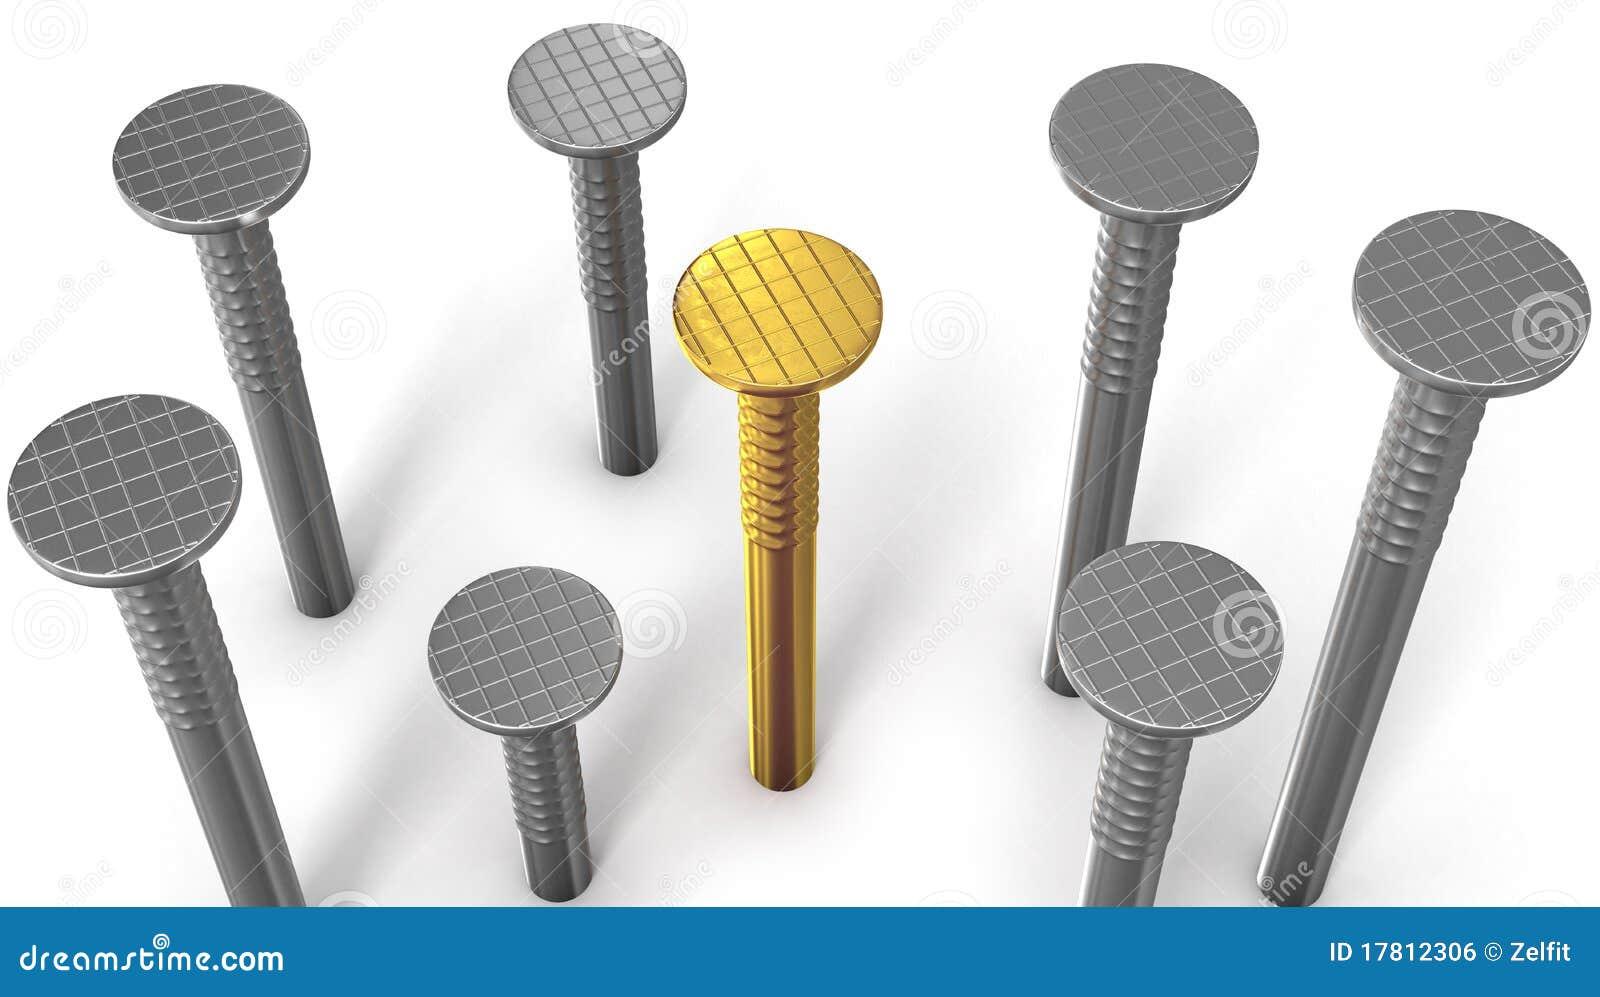 goldener nagel zwischen stahl eine getrennt auf wei lizenzfreies stockbild bild 17812306. Black Bedroom Furniture Sets. Home Design Ideas